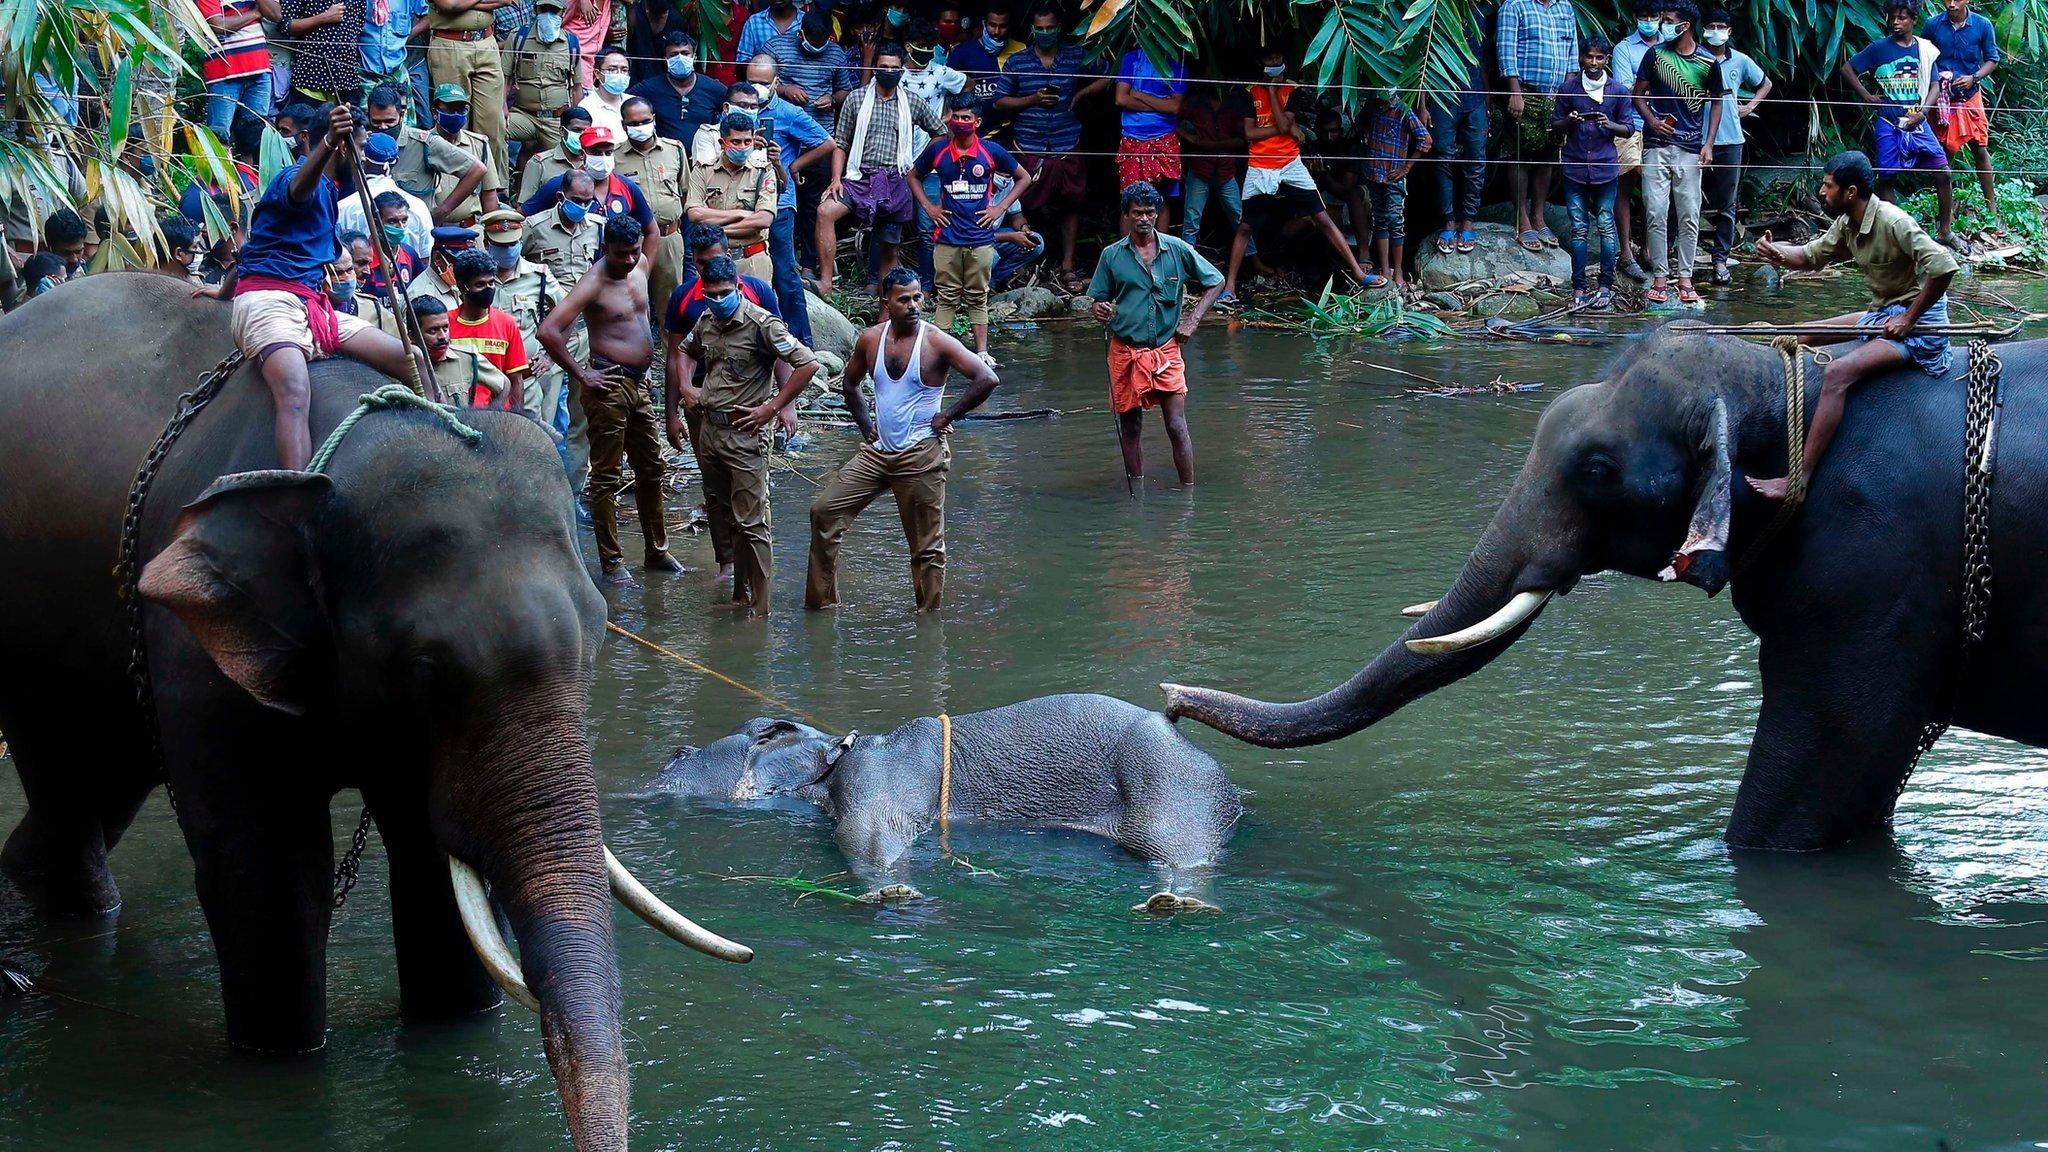 مصرع أنثى فيل وجنينها بعد وجبة مفرقعات نارية